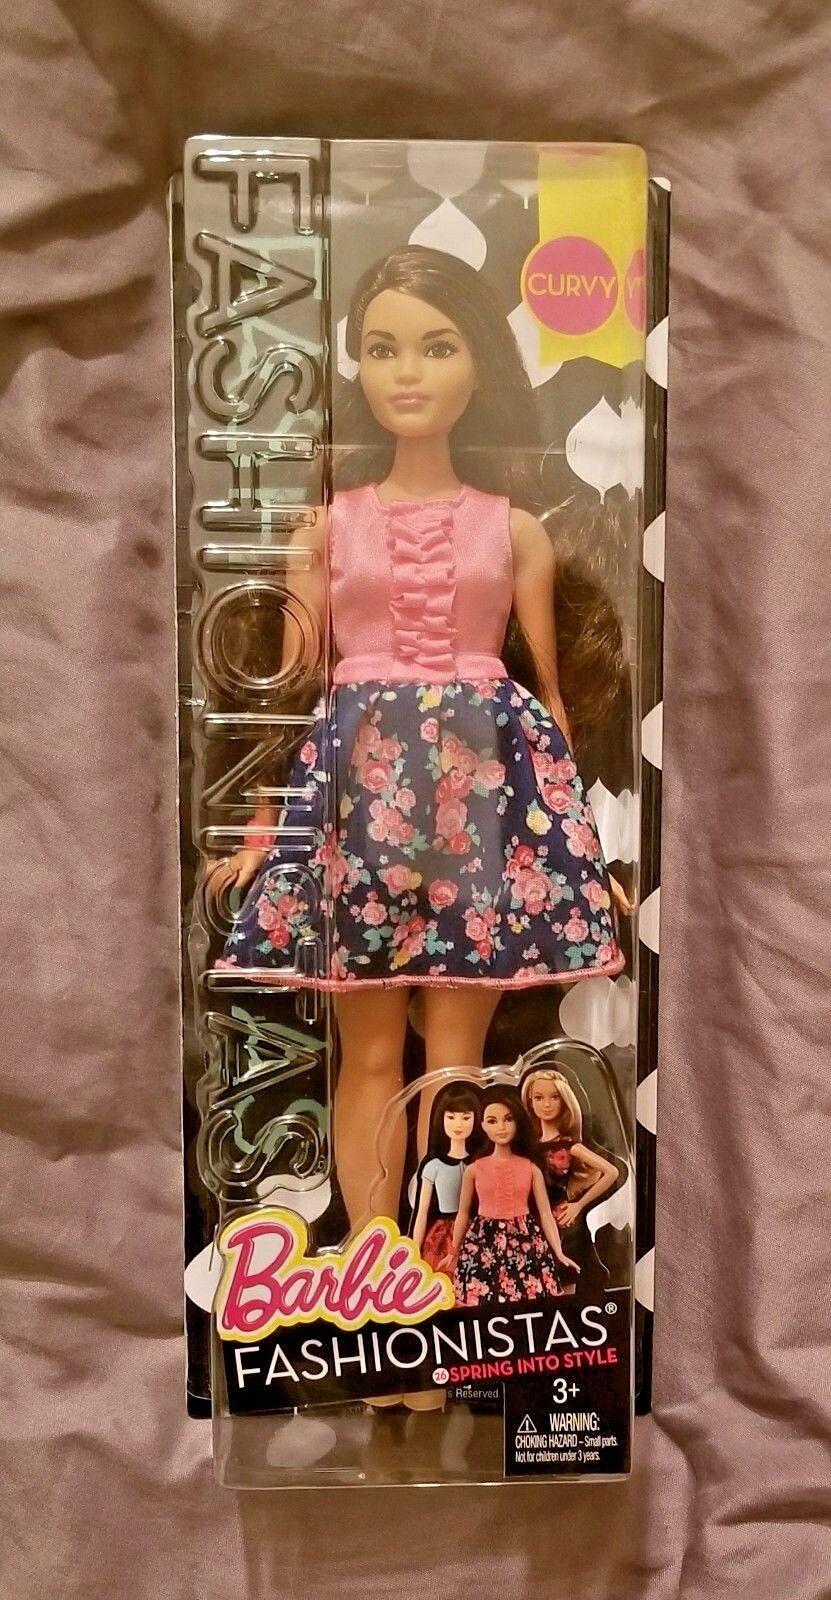 $12.99 - Barbie Fashionistas Doll 26, Spring Into Style, Curvy - New in Box (NIB)